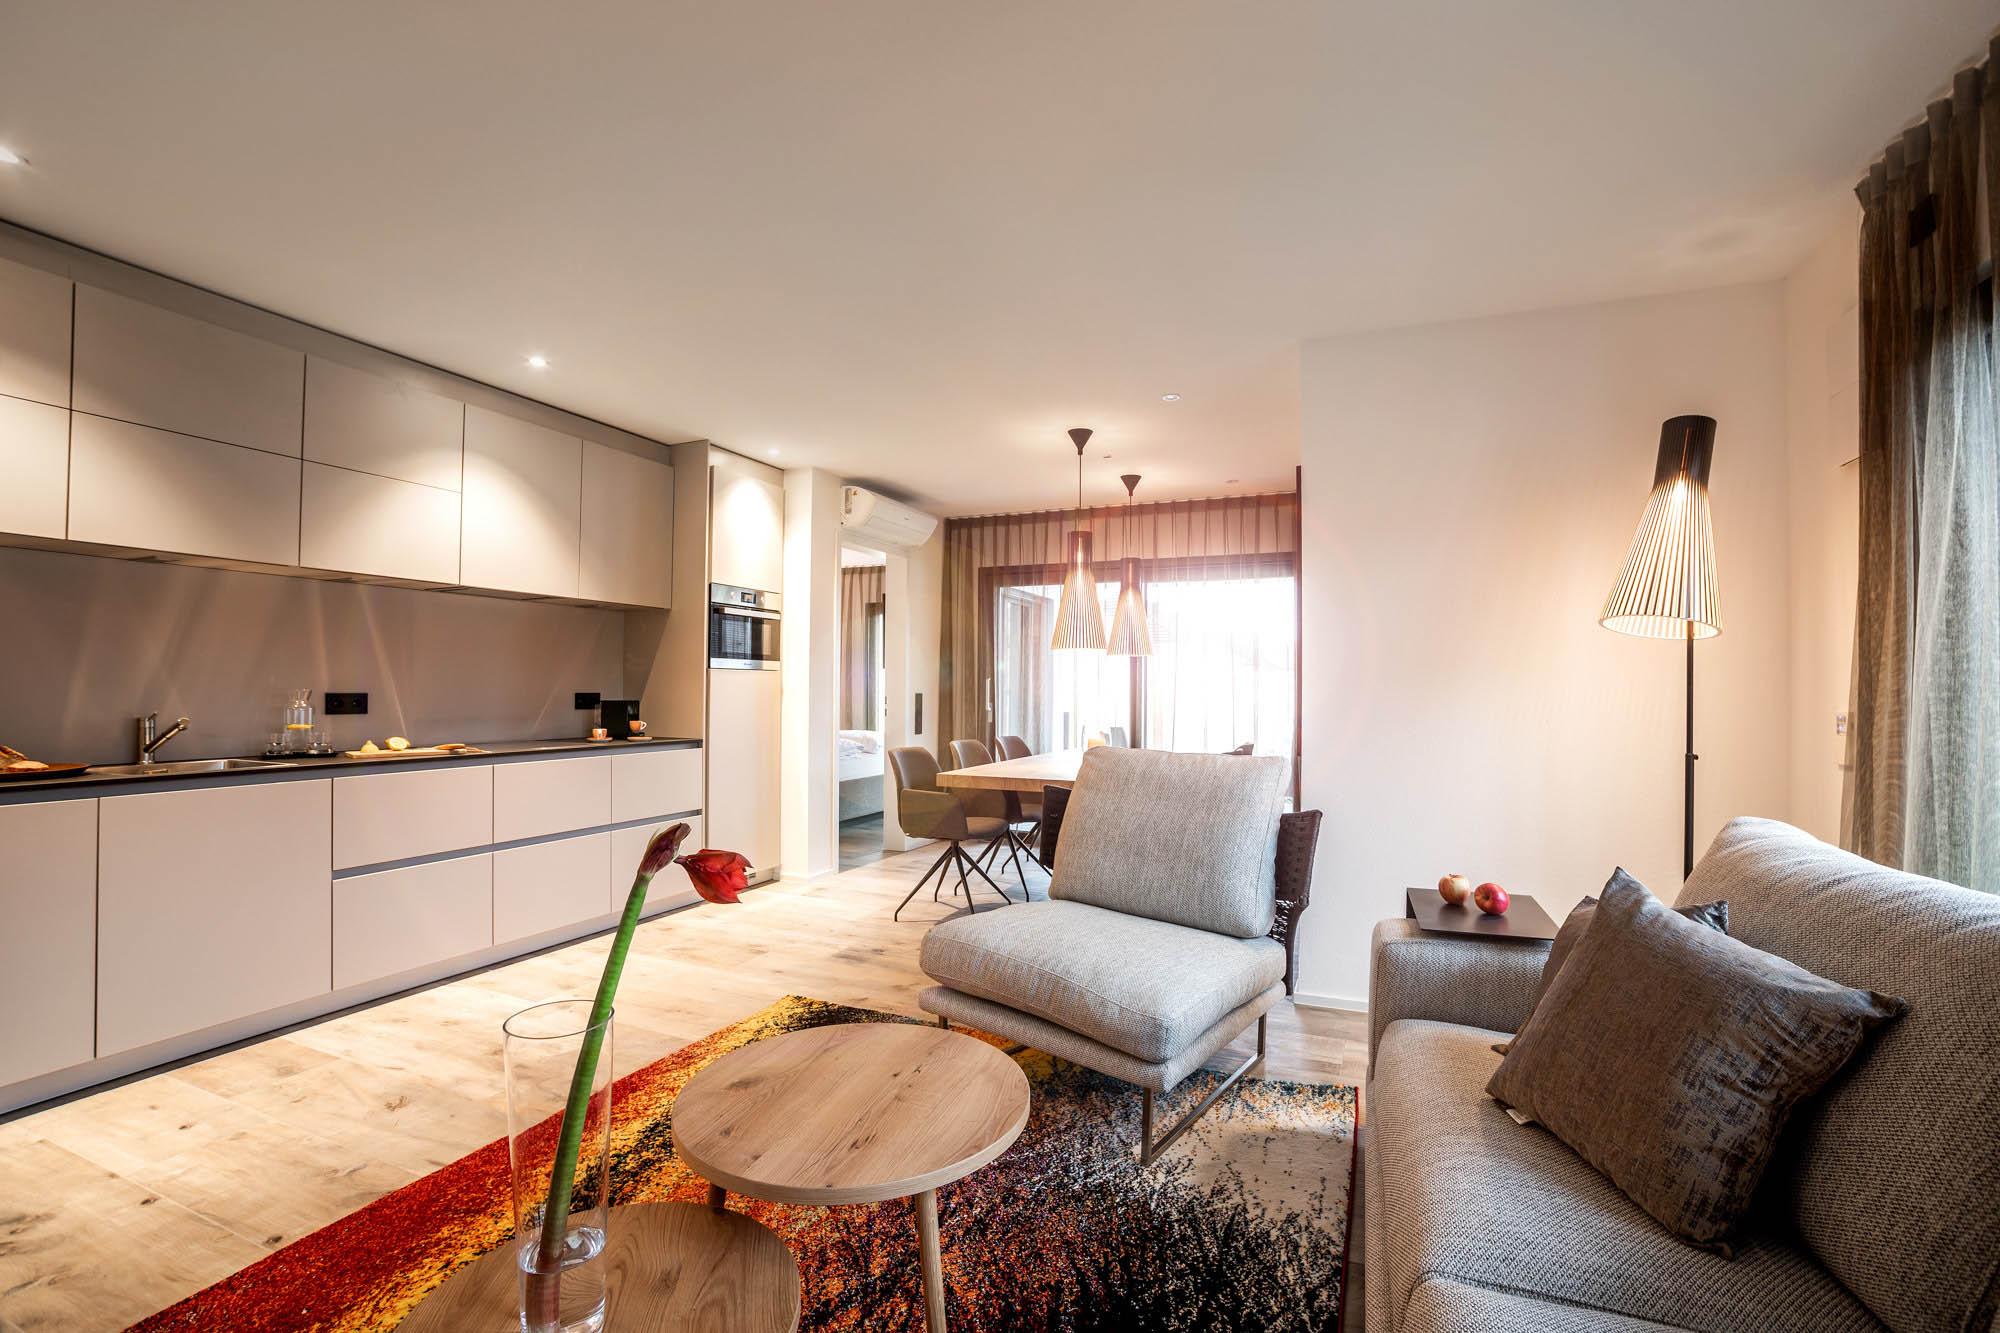 Superior01-Wohnzimmer-Couch